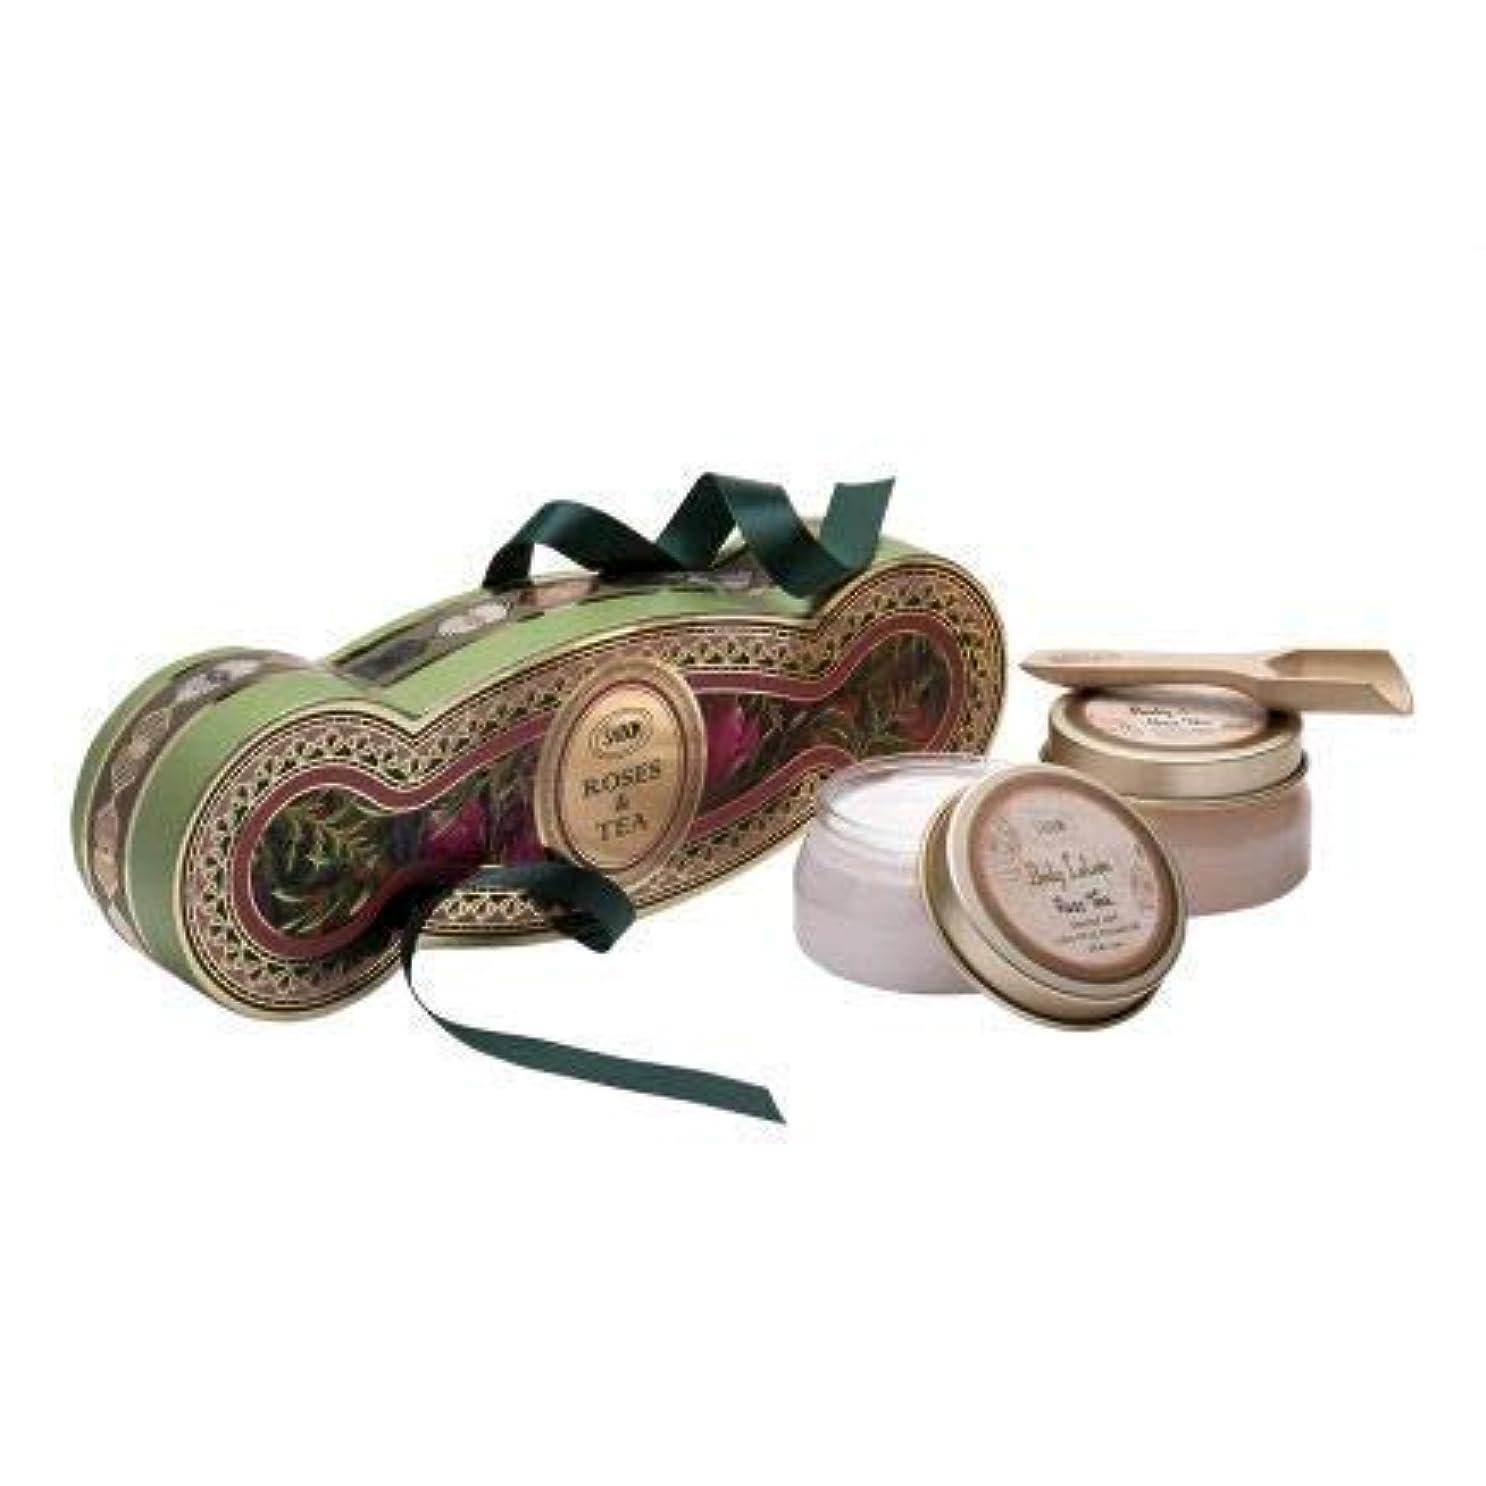 攻撃的新年リビジョンサボン コフレ ギフト ローズティー キット ボディスクラブ ボディローション ホワイトデー SABON Rose Tea kit コレクション